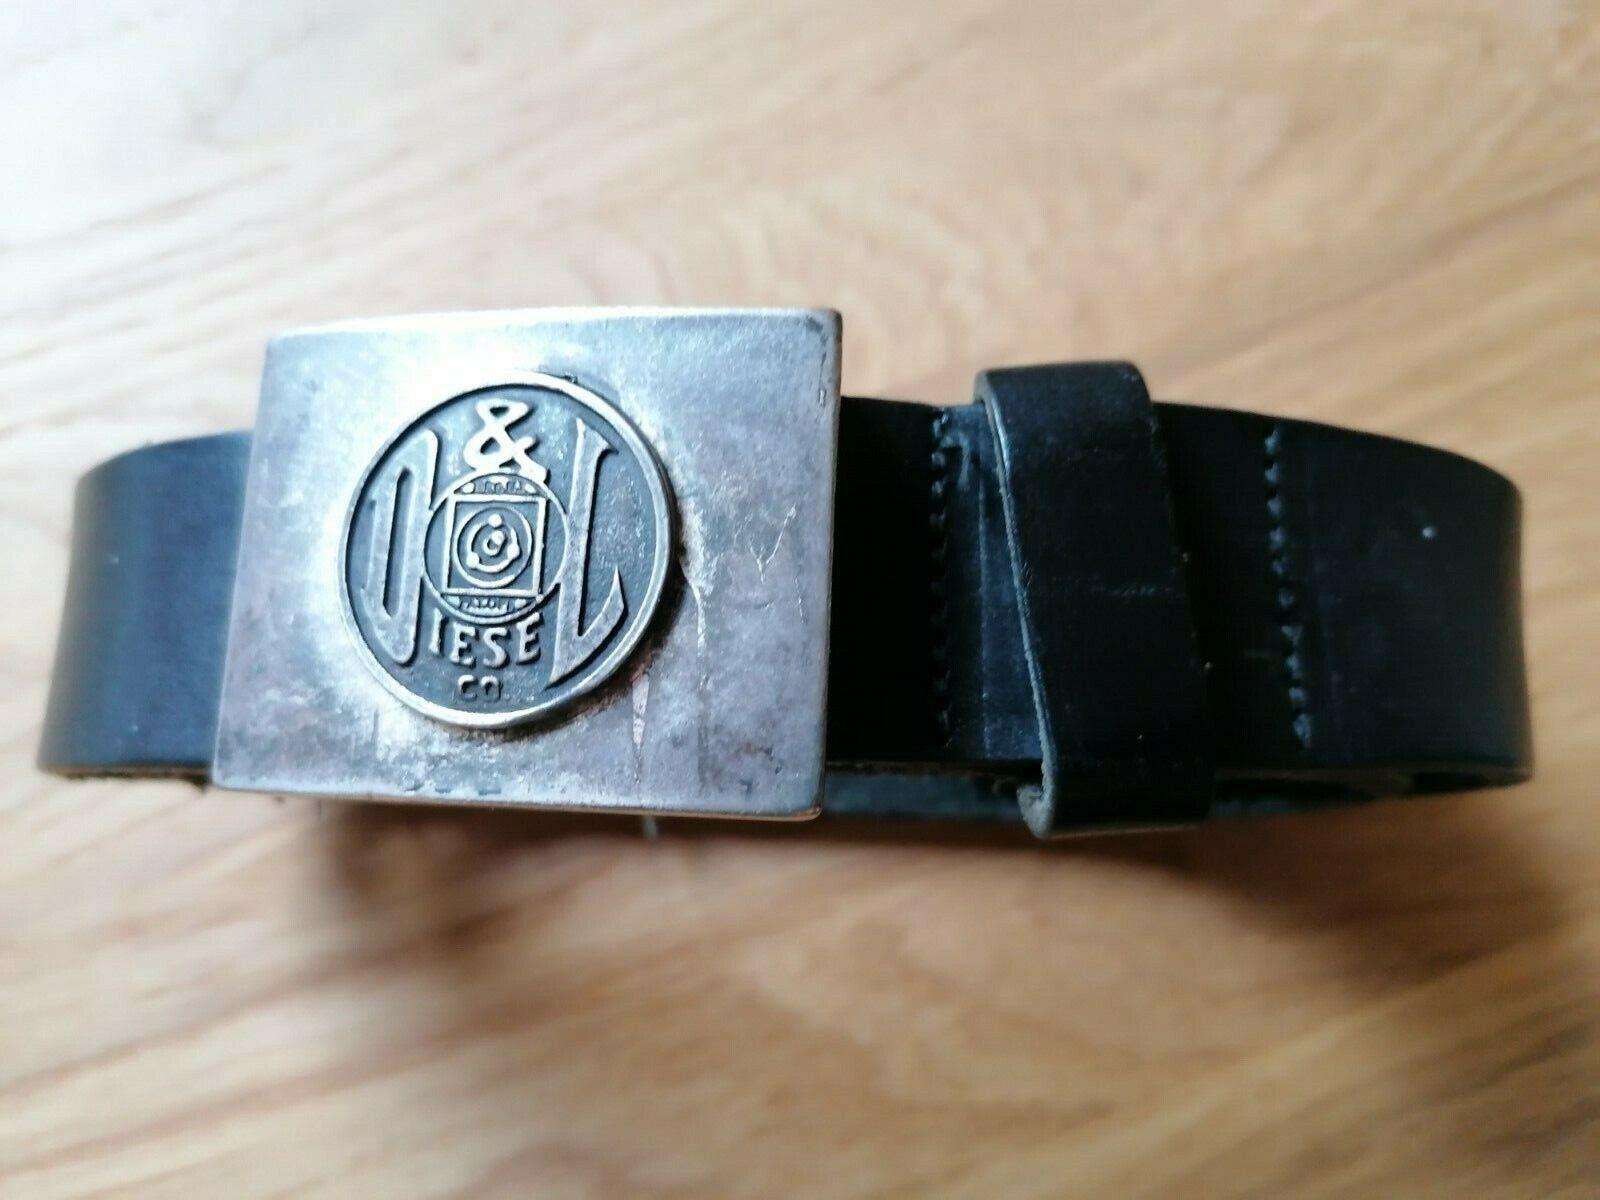 Diesel Ledergürtel schwarz Schnalle silber, TW 85, 3,4 cm breit